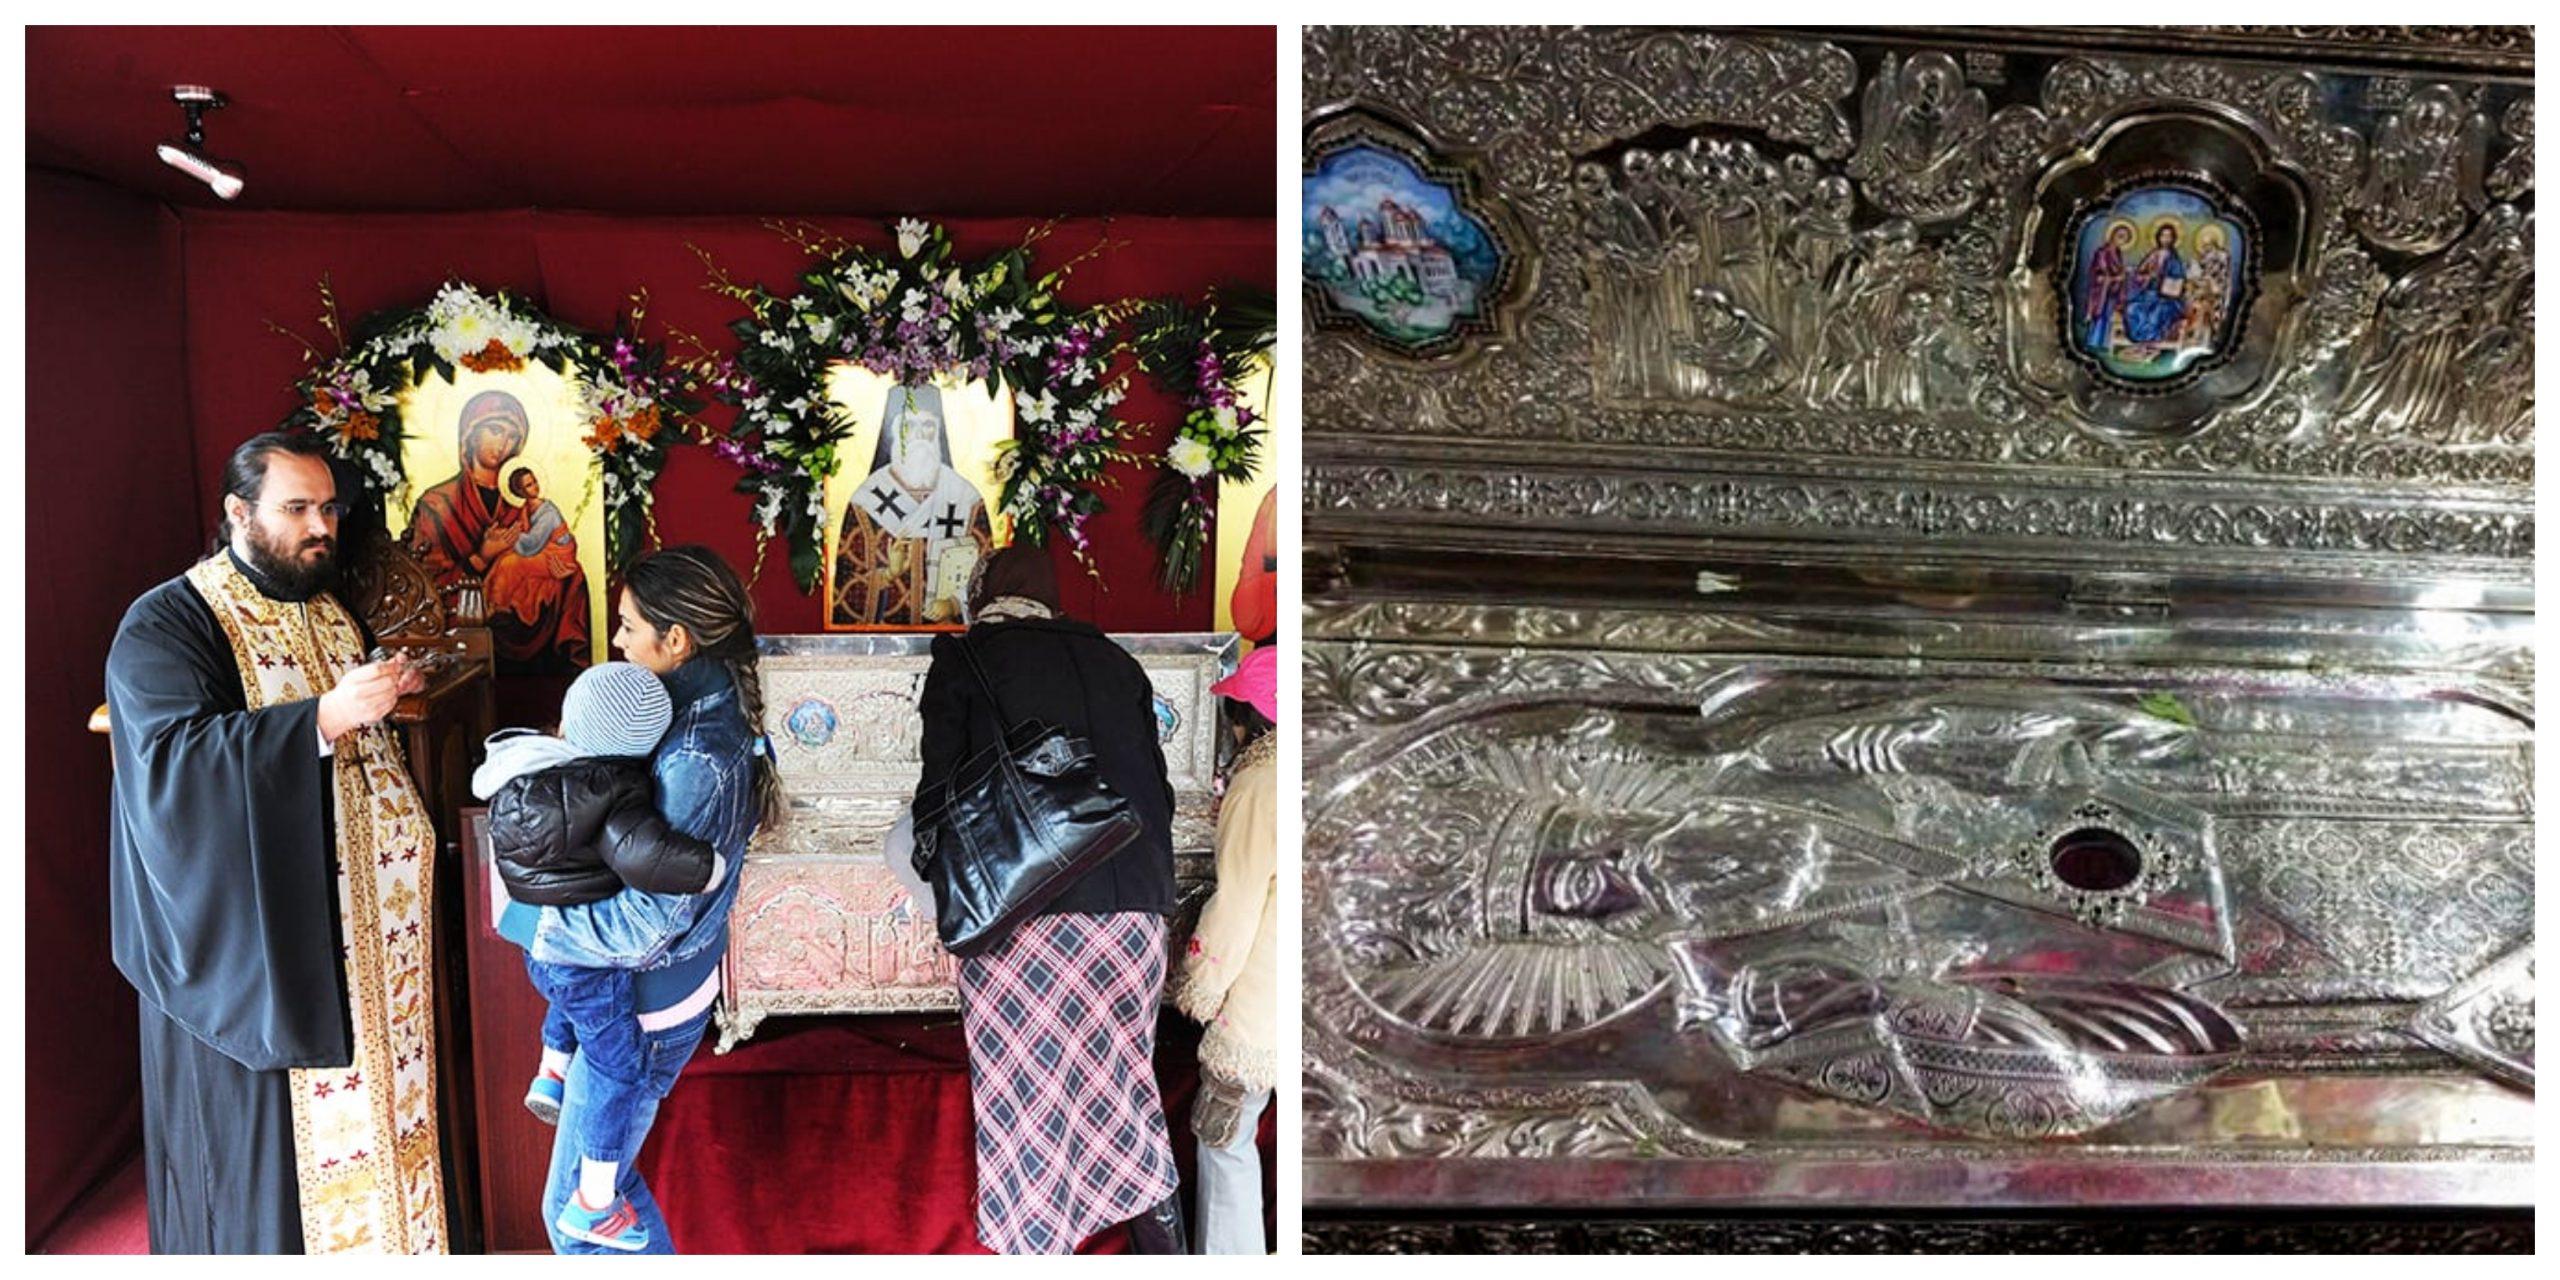 Pelerinaj în București. Cine se poate închina la moaștele SPelerinaj în București. Cine se poate închina la moaștele Sfântului Nectarietului Nectarie